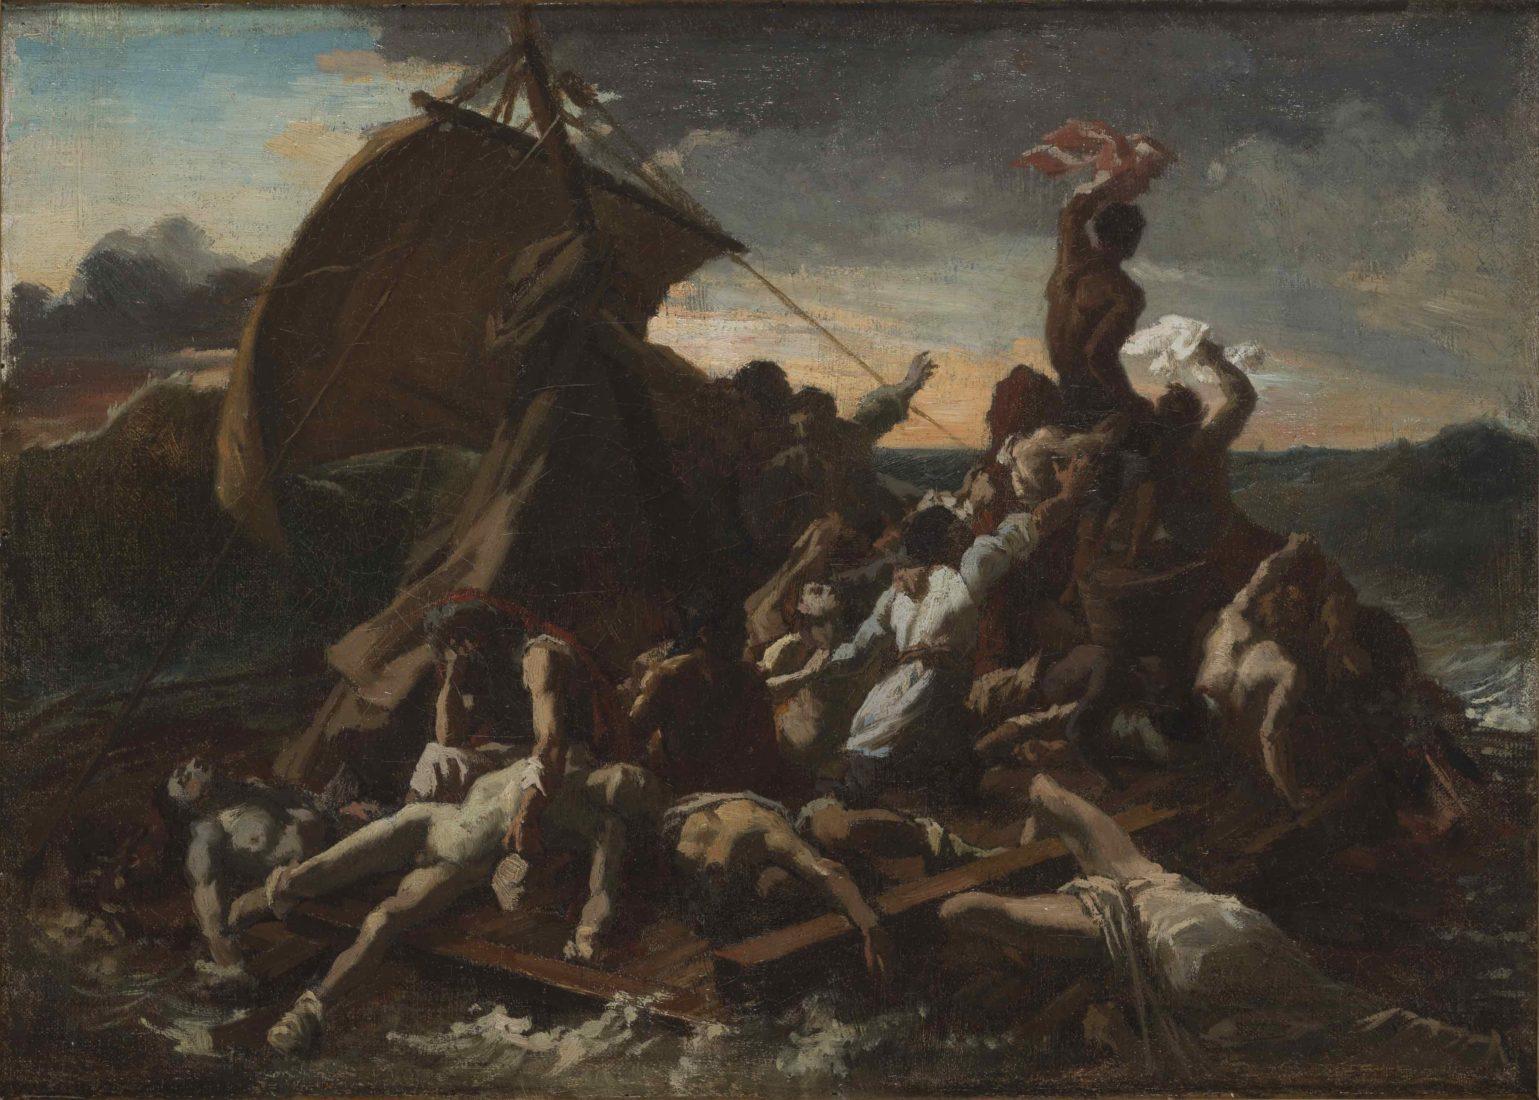 Théodore Géricault, (1791-1824), Le Radeau de la Méduse